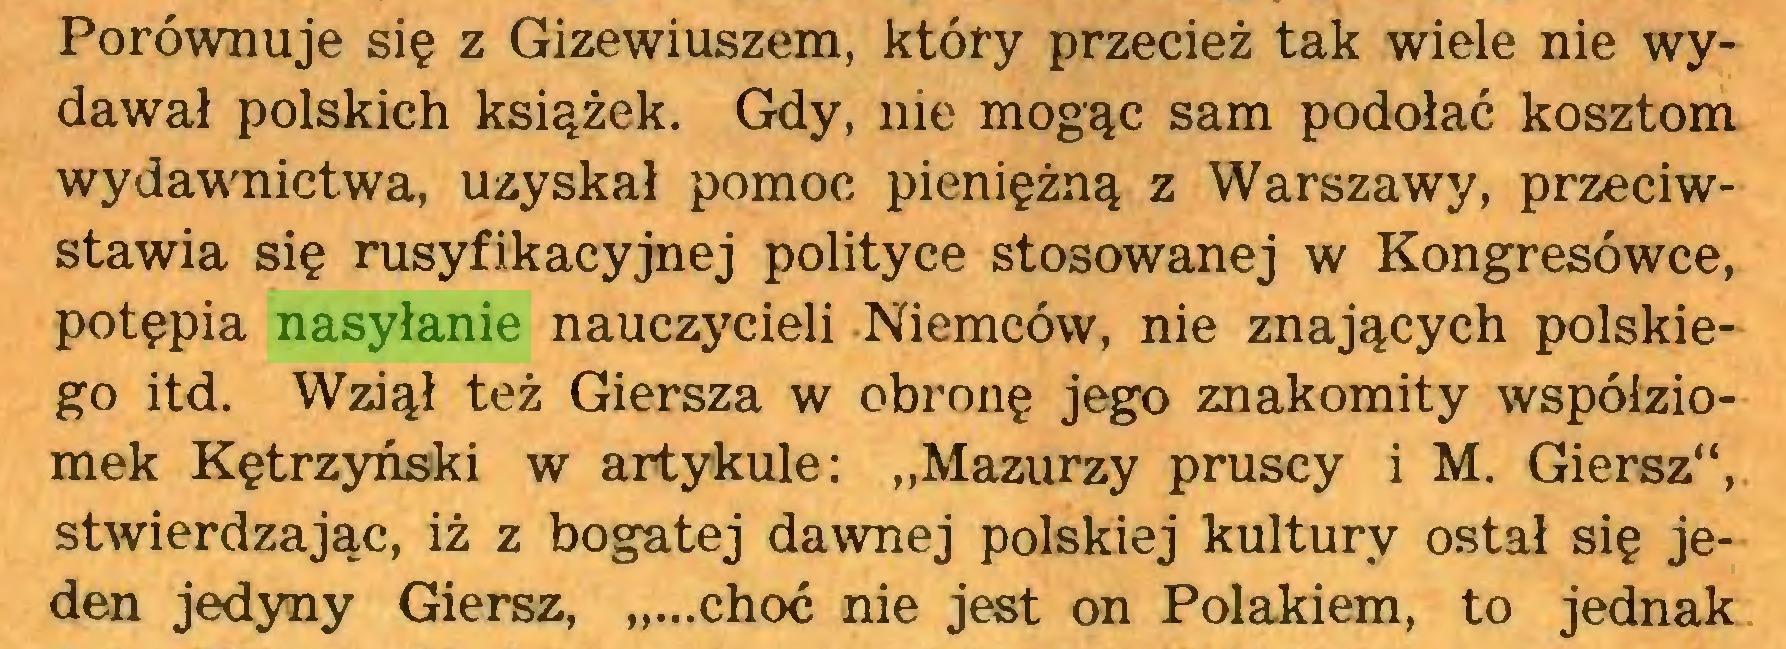 """(...) Porównuje się z Gizewiuszem, który przecież tak wiele nie wydawał polskich książek. Gdy, nie mogąc sam podołać kosztom wydawnictwa, uzyskał pomoc pieniężną z Warszawy, przeciwstawia się rusyfikacyjnej polityce stosowanej w Kongresówce, potępia nasyłanie nauczycieli Niemców, nie znających polskiego itd. Wziął też Giersza w obronę jego znakomity współziomek Kętrzyński w artykule: """"Mazurzy pruscy i M. Giersz"""", stwierdzając, iż z bogatej dawnej polskiej kultury ostał się jeden jedyny Giersz, """"...choć nie jest on Polakiem, to jednak..."""